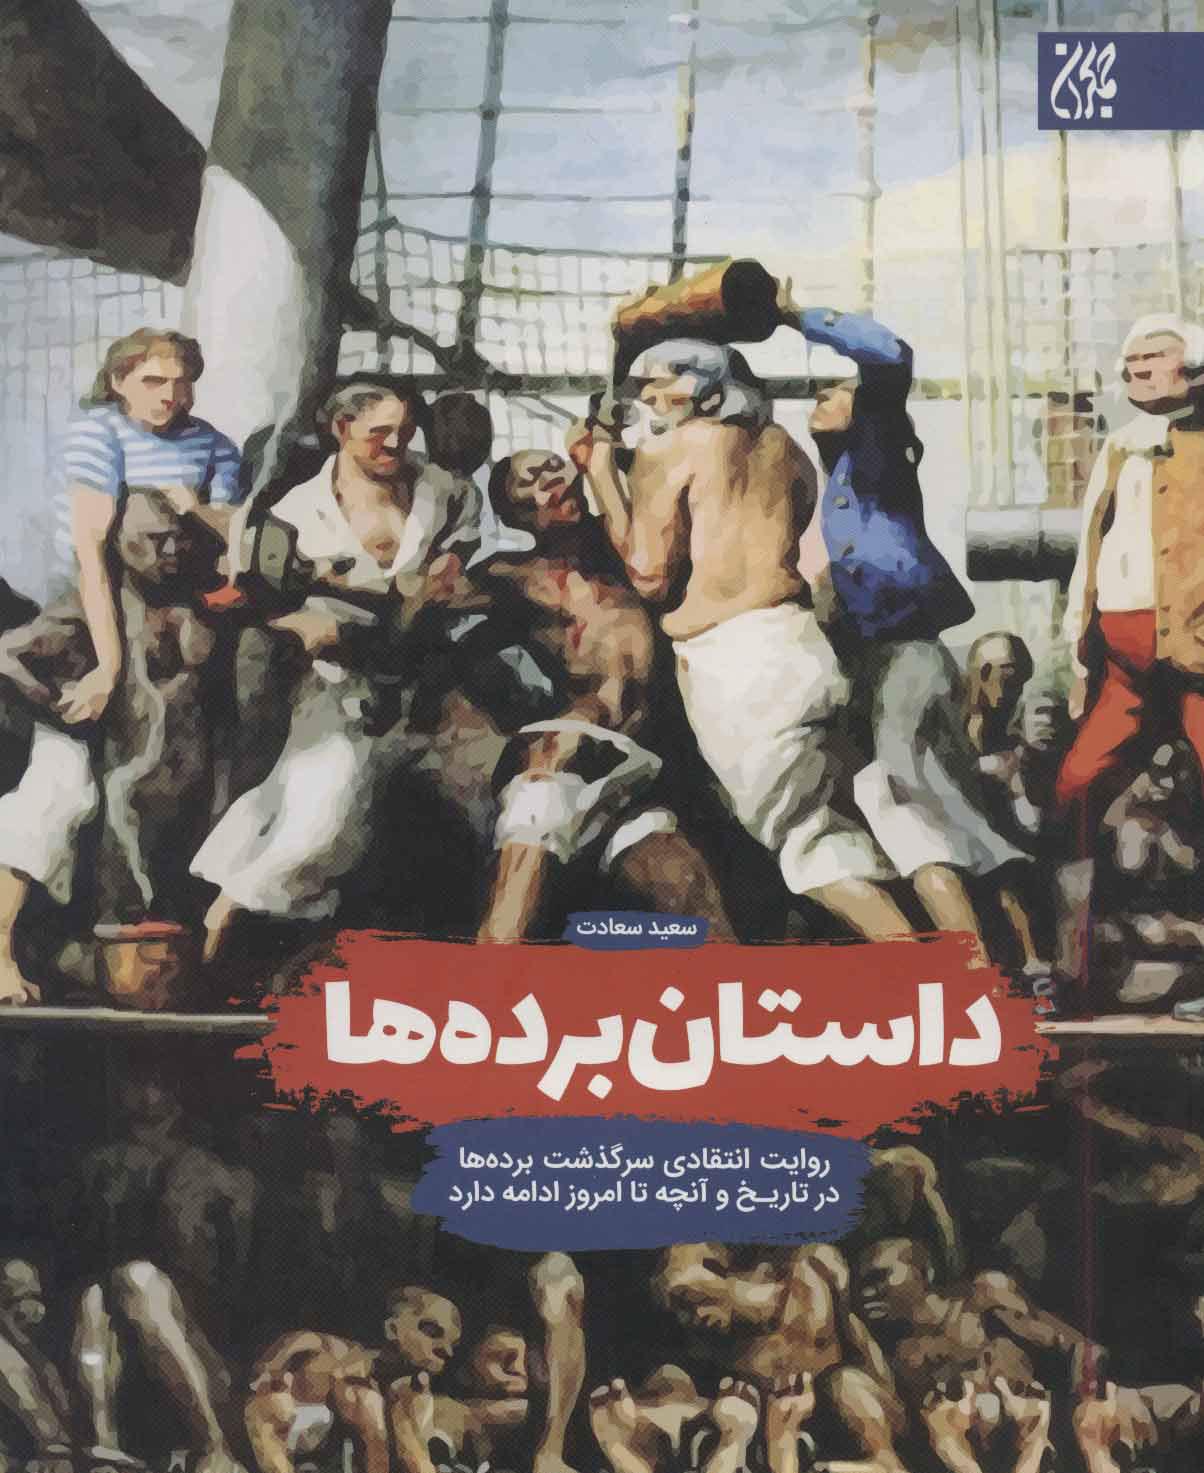 کتاب داستان برده ها